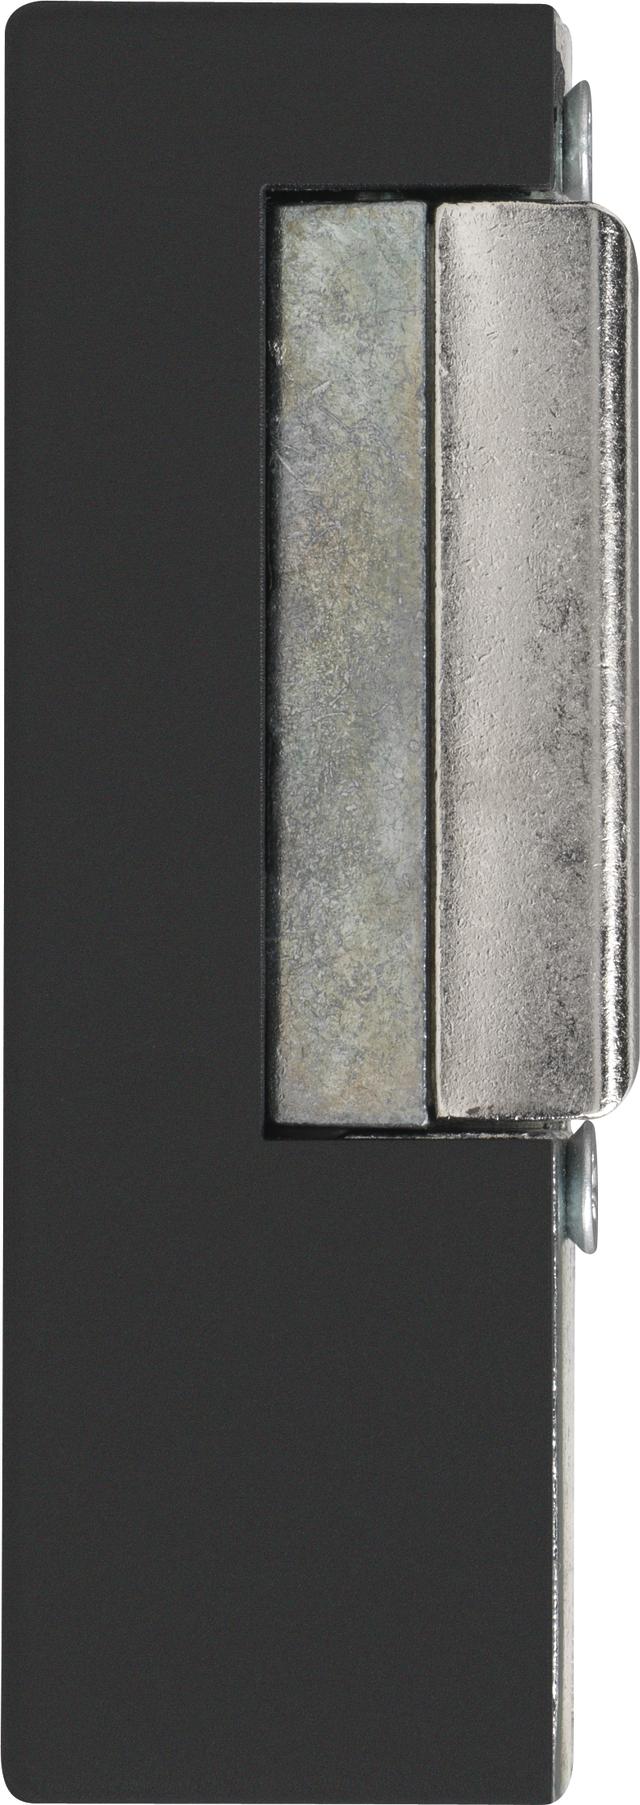 Elektrischer Türöffner ET60 CLC/DFNLI